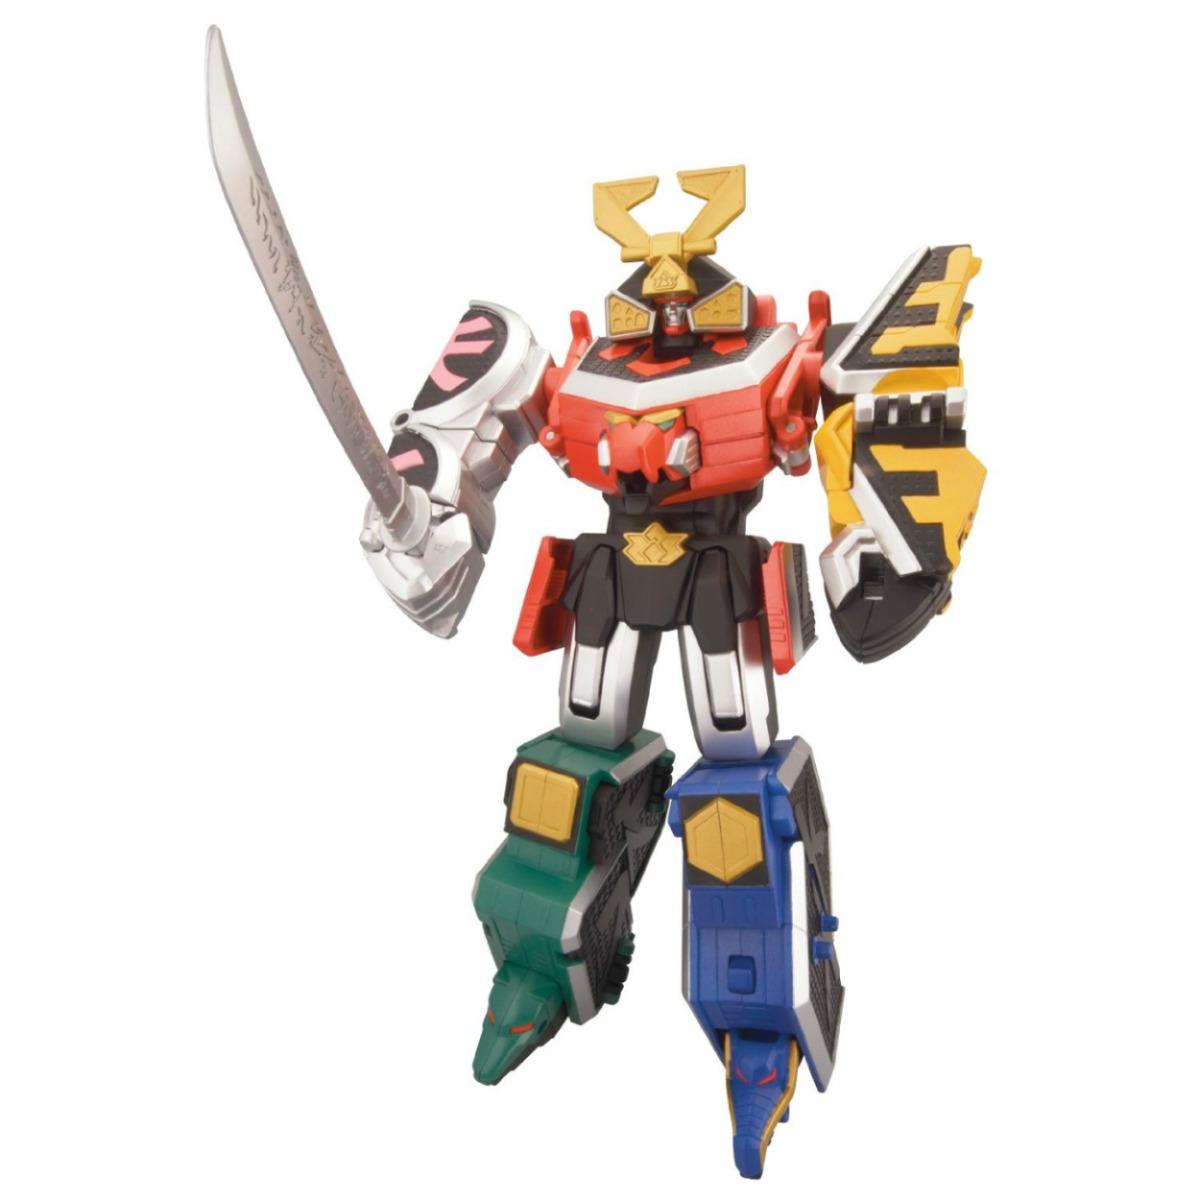 http://1.bp.blogspot.com/-970BgJwqGMY/USAUdLqNY9I/AAAAAAAAGJY/3QffV09SZoQ/s1600/power-ranger-samurai-megazord-wsl_MLM-F-2582044468_042012.jpg